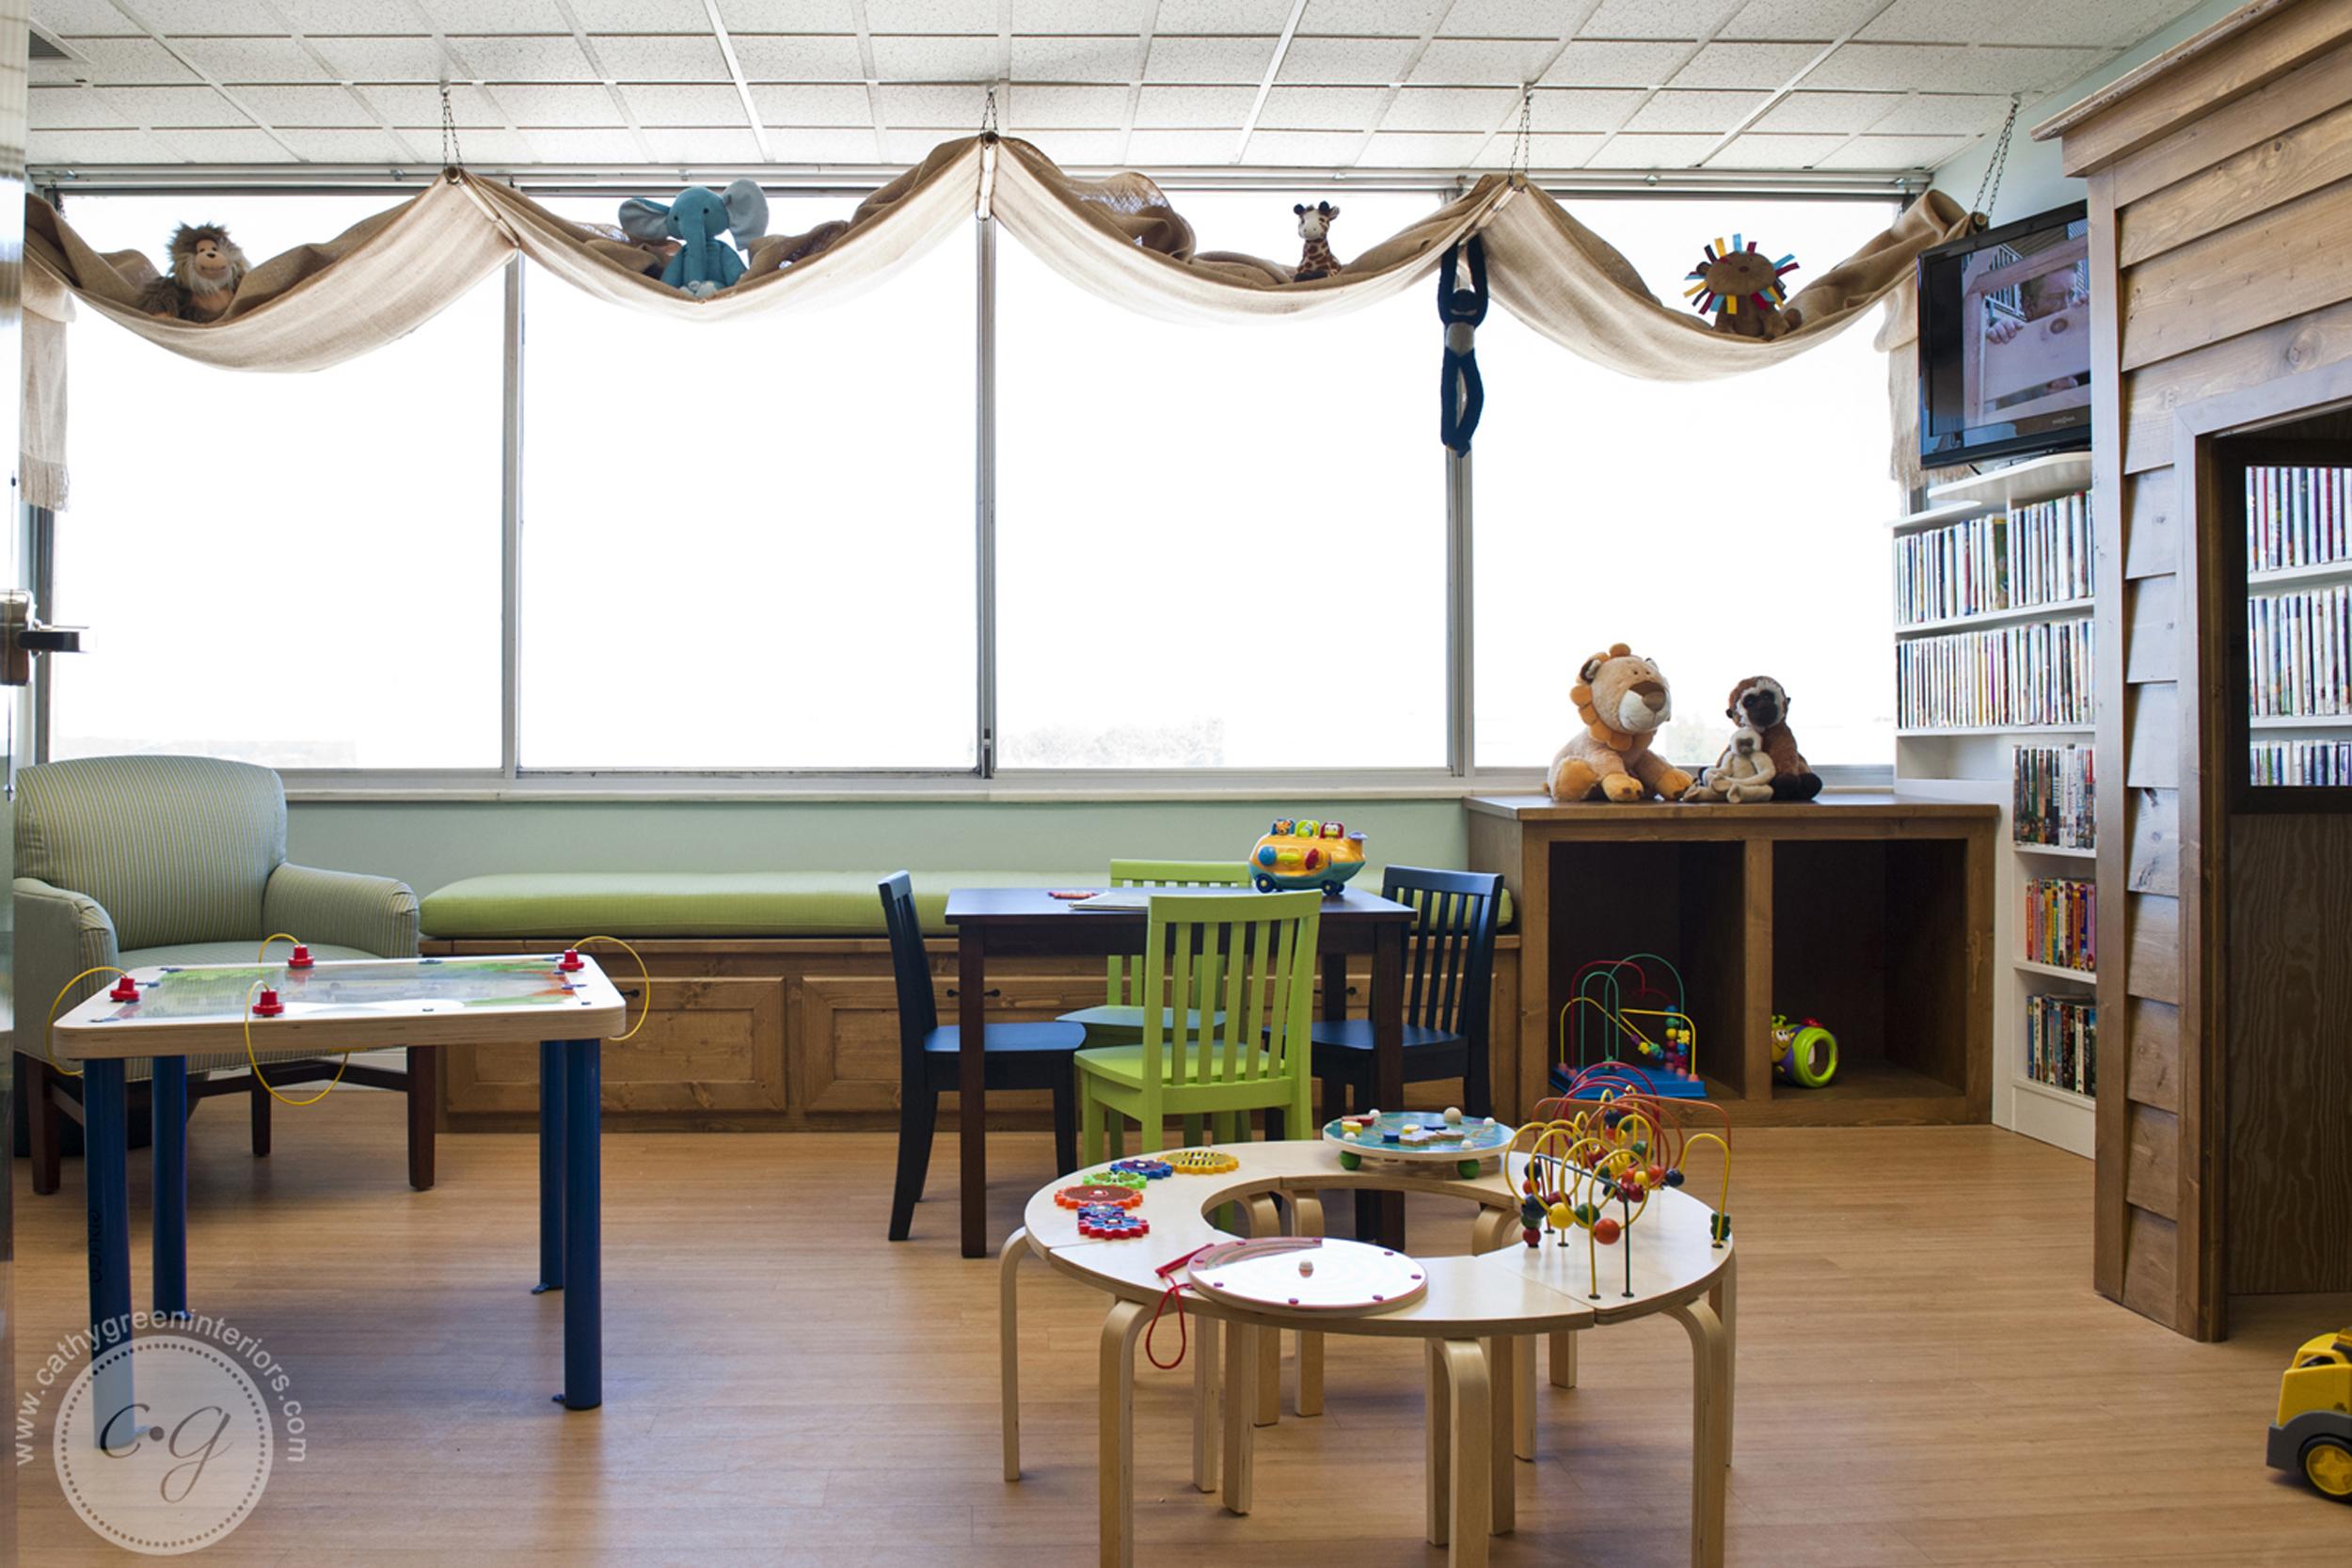 Chippenham Hospital Playroom - Richmond, VA